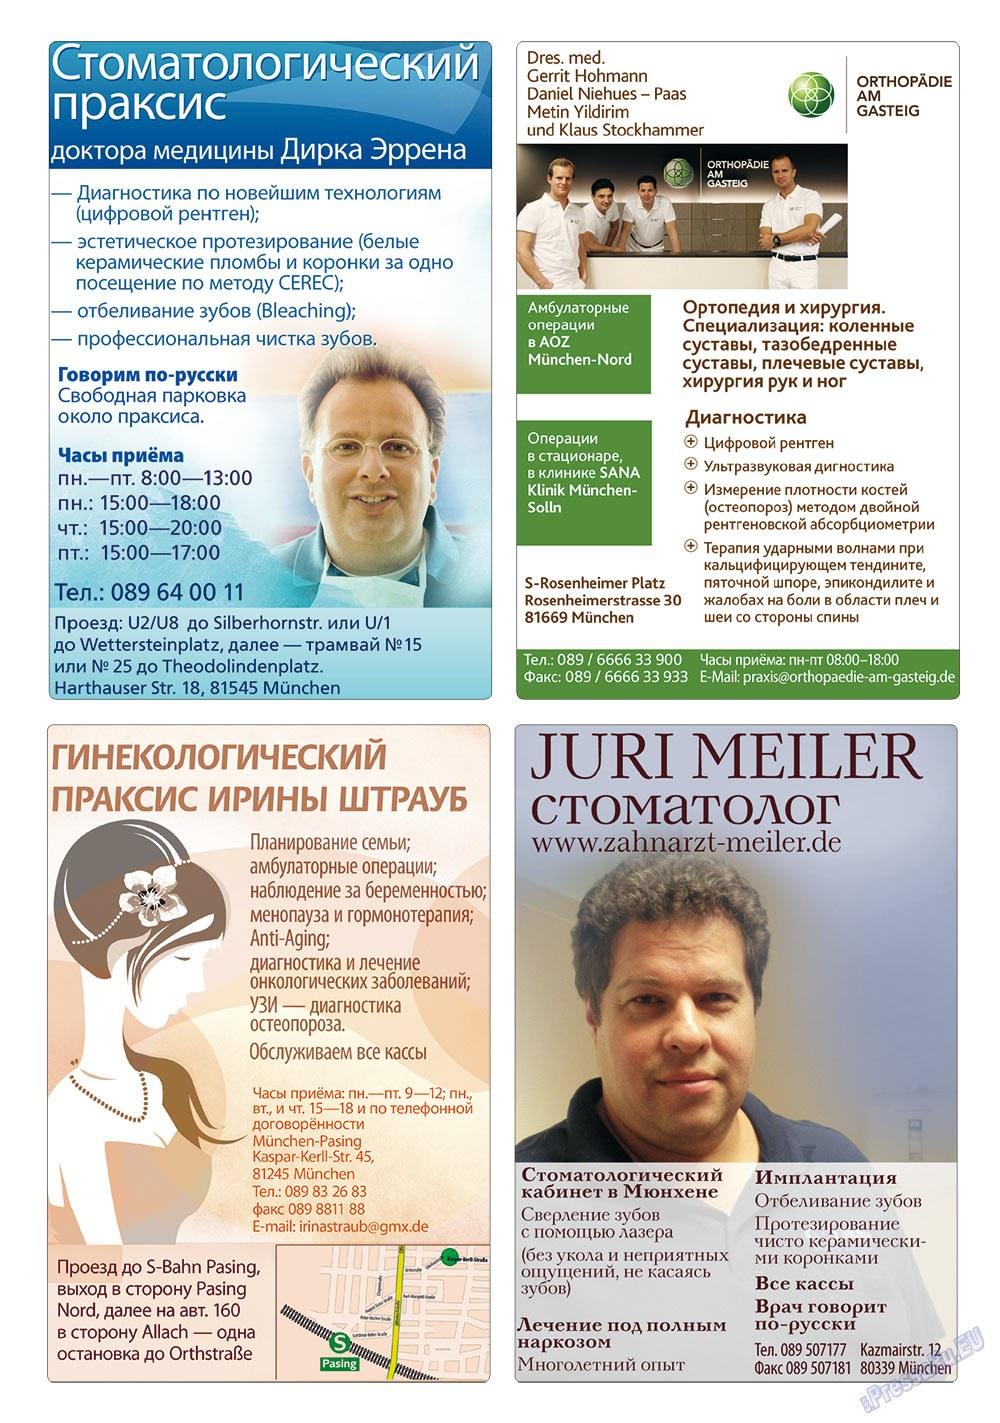 Апельсин (журнал). 2011 год, номер 24, стр. 41